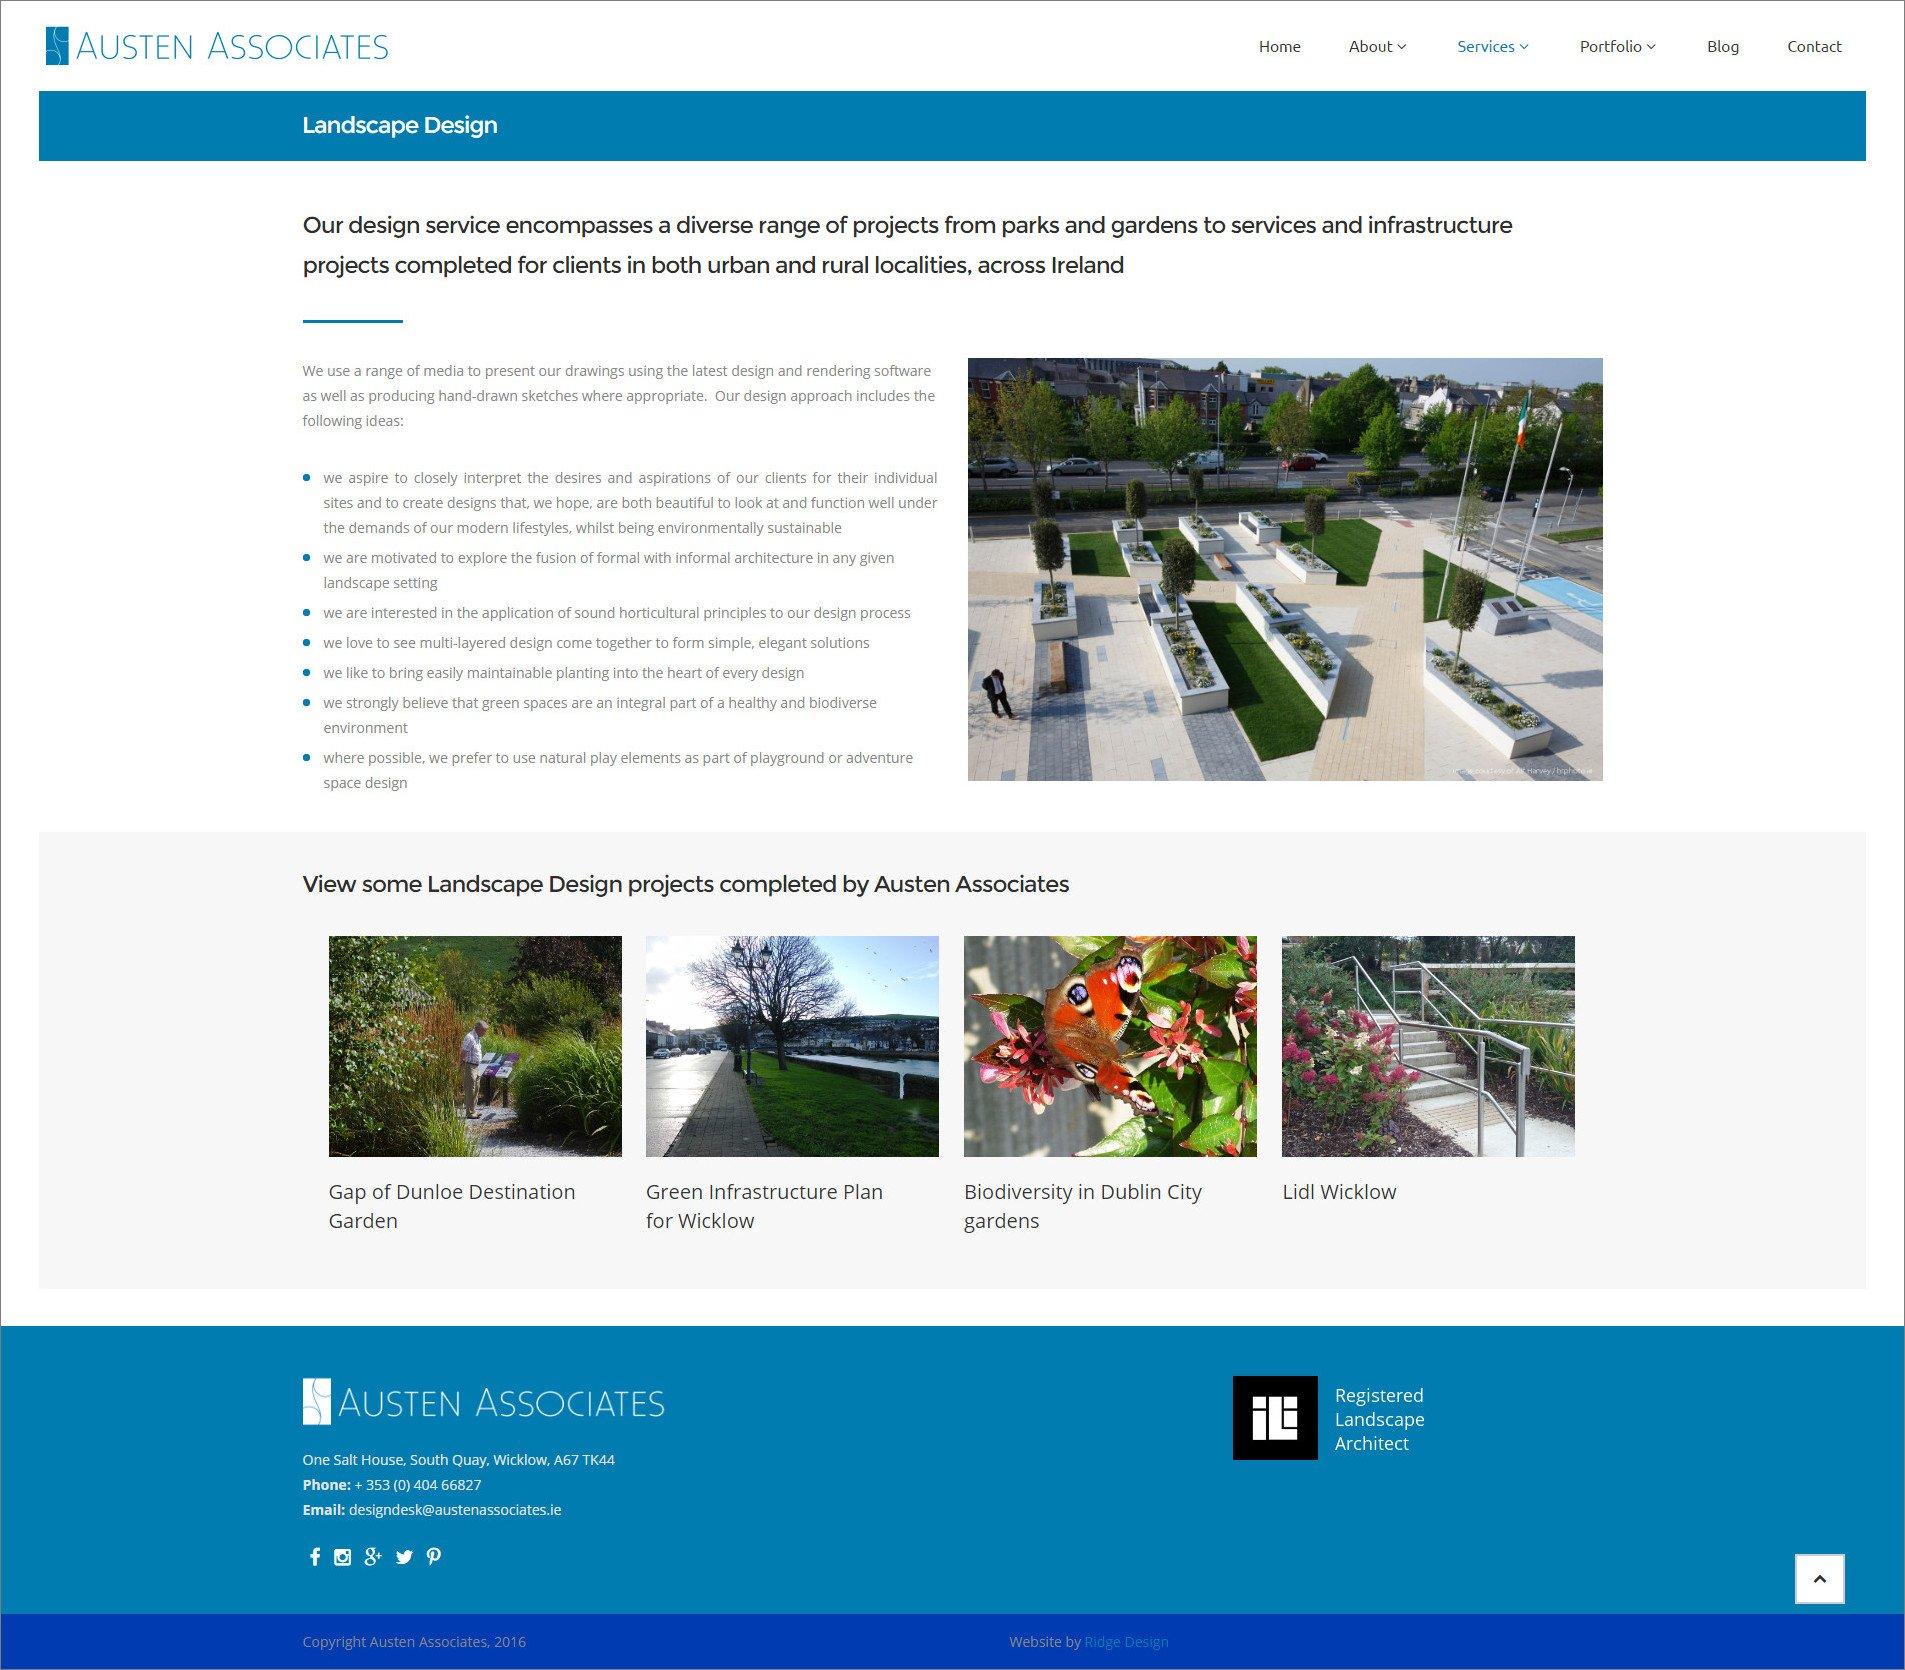 Ridge-Design-Website-Services-Page-for-Austen-Associates